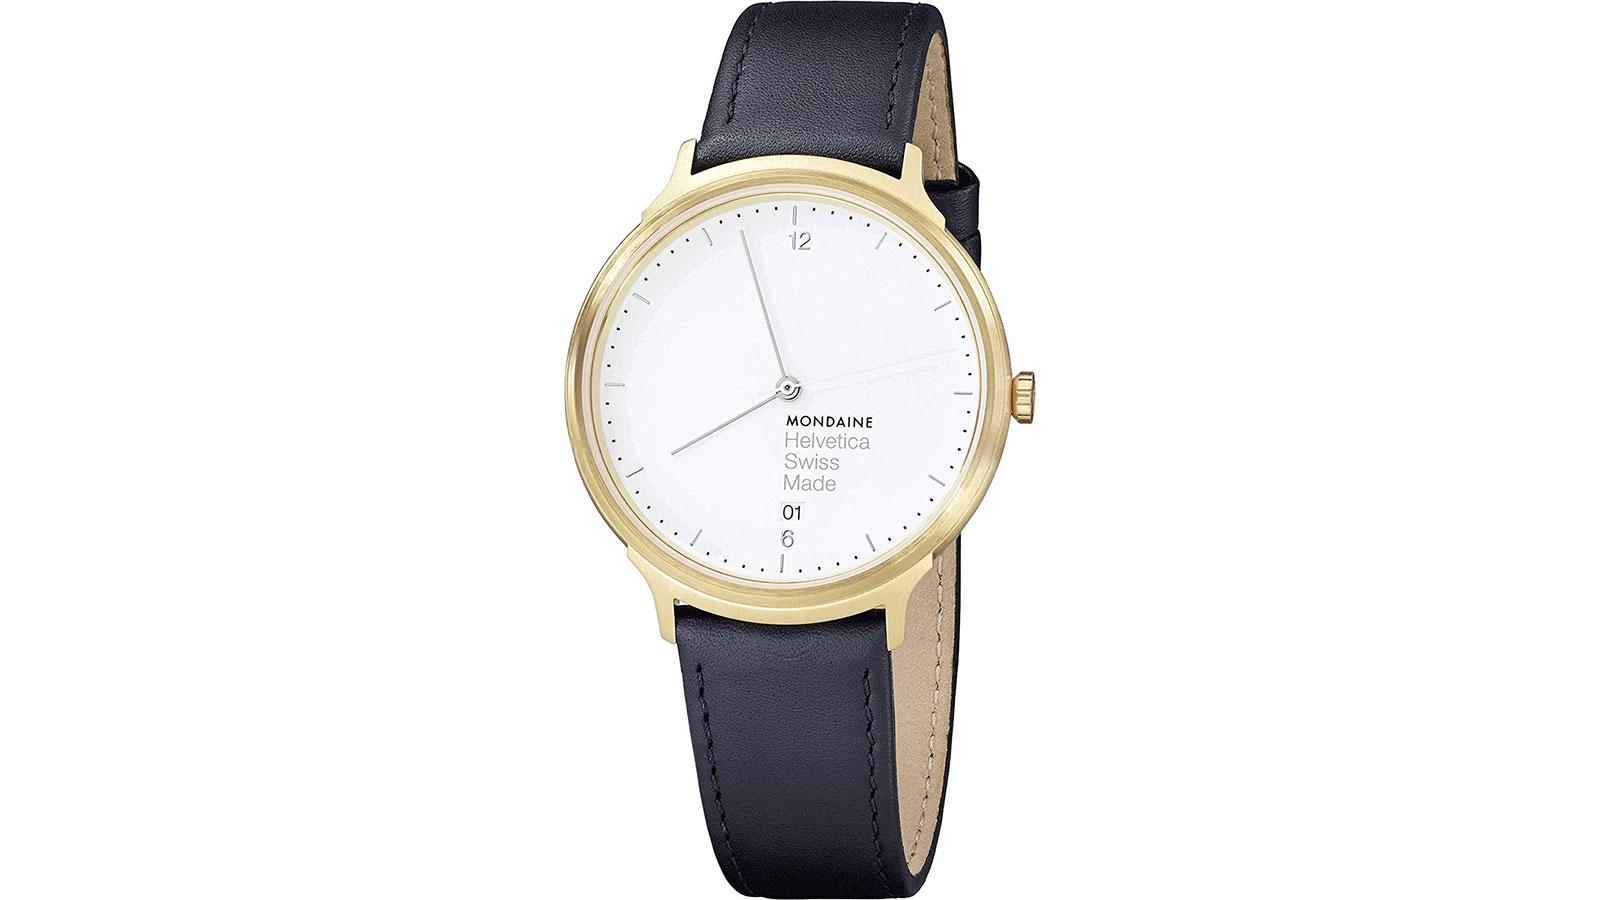 Mondaine Helvetica Light Minimalist Watch | best minimalist watches for men